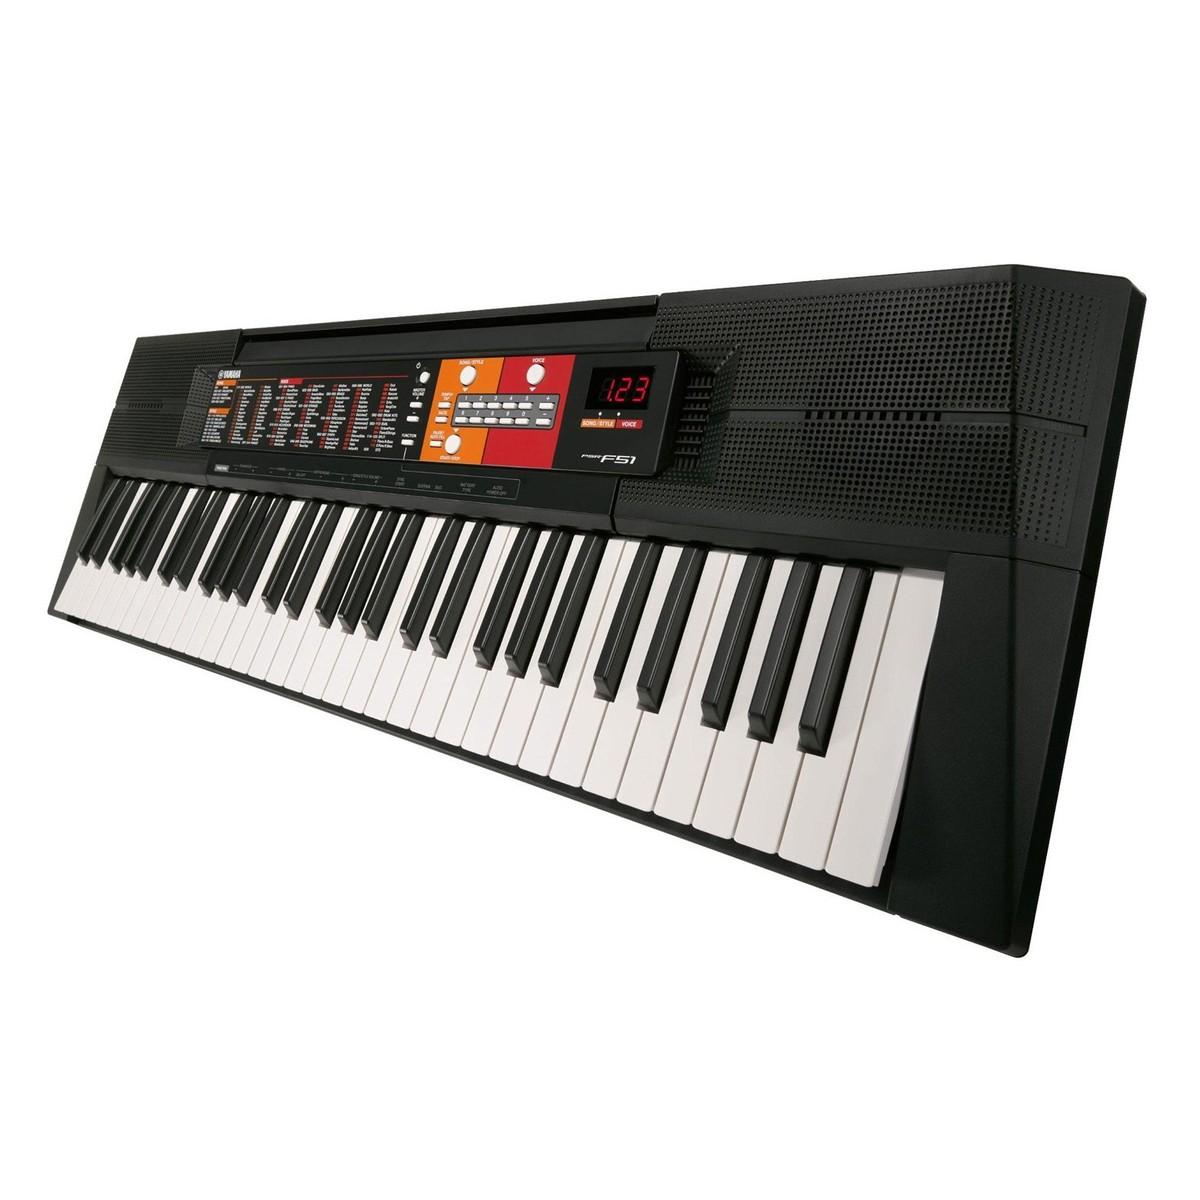 yamaha psr f51 portable keyboard x frame package at. Black Bedroom Furniture Sets. Home Design Ideas